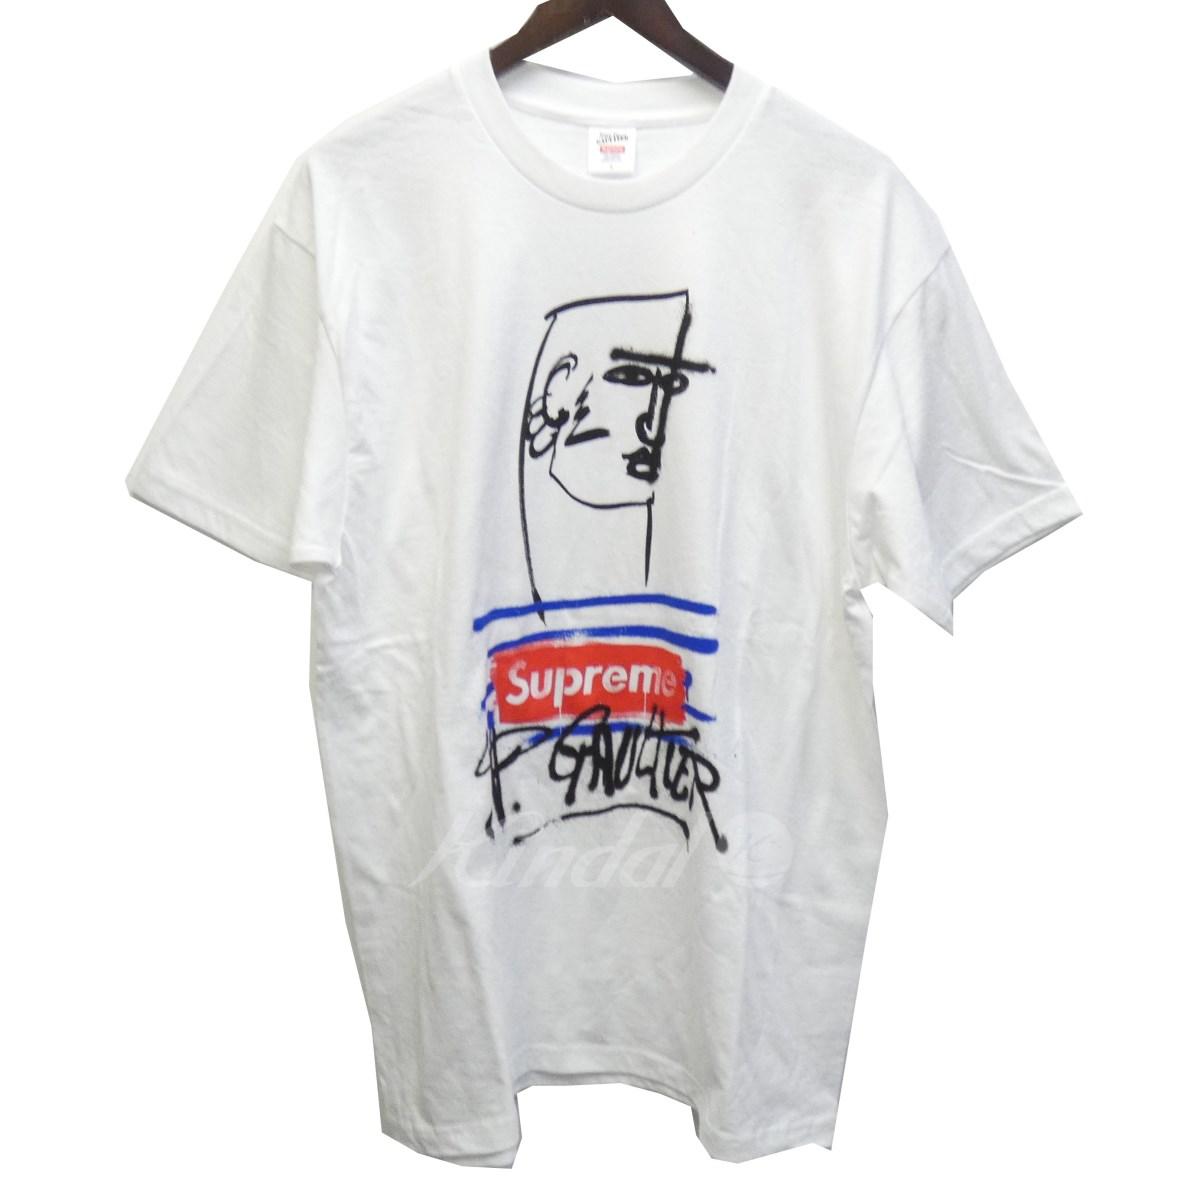 【中古】SUPREME × Jean Paul GAULTIER 19SS 「Jean Paul Gaultier Tee」プリントTシャツ ホワイト サイズ:L 【310519】(シュプリーム ジャンポールゴルチェ)